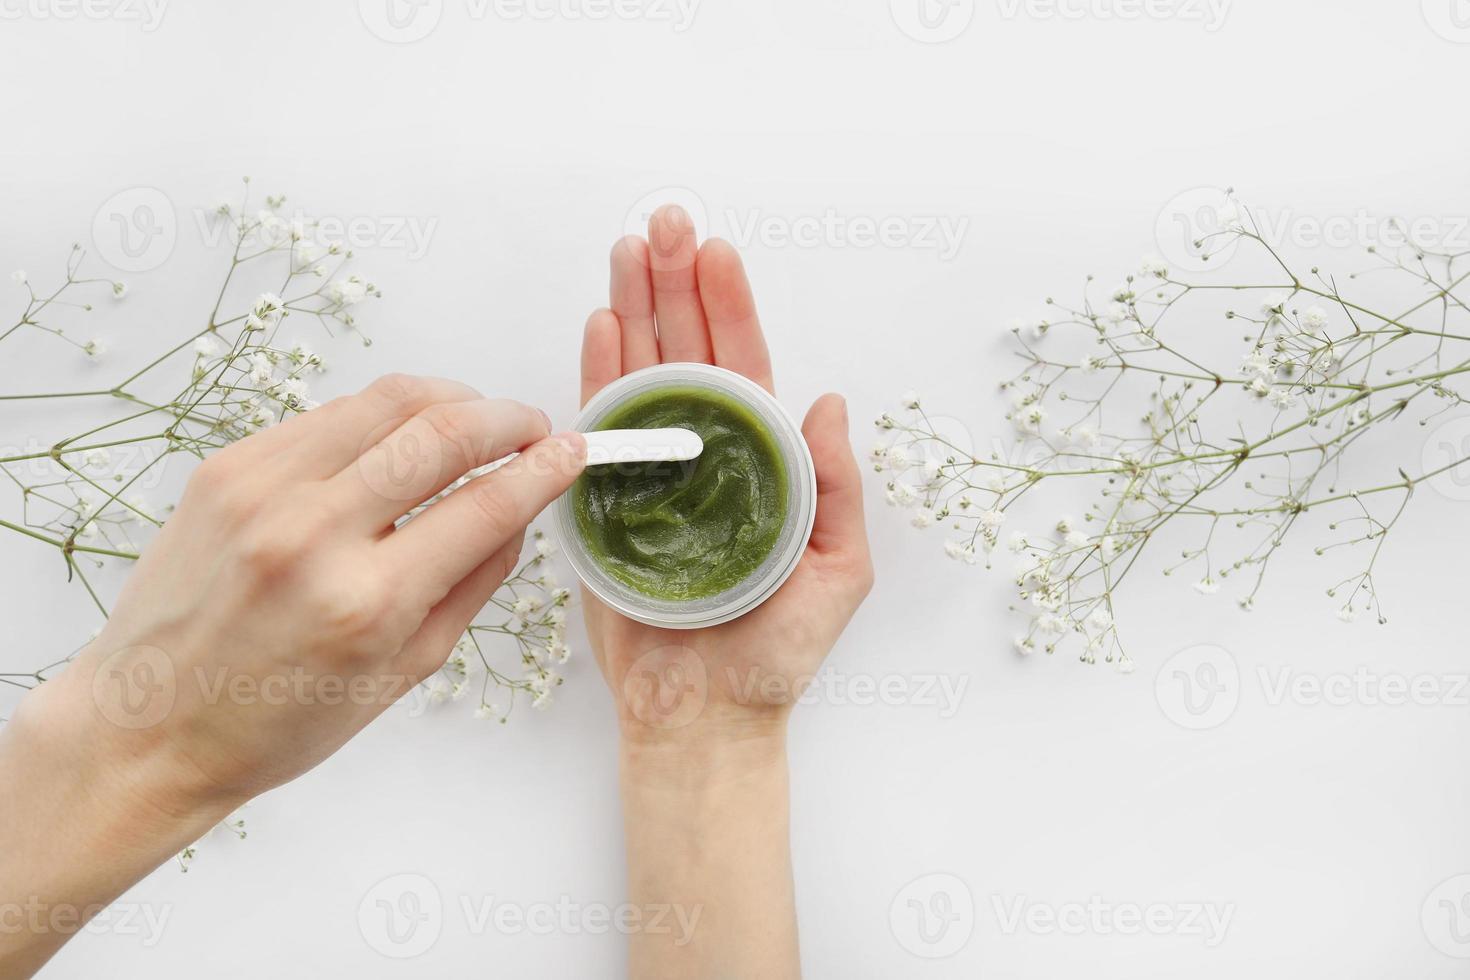 junge weibliche Hände mit grüner natürlicher Creme für Gesicht oder Körper. Bio natürliche Hautpflegeprodukte und Blumen auf weißem Hintergrund. Verpackung von Lotion oder Creme. Schönheitskosmetik-Hautpflegekonzept foto